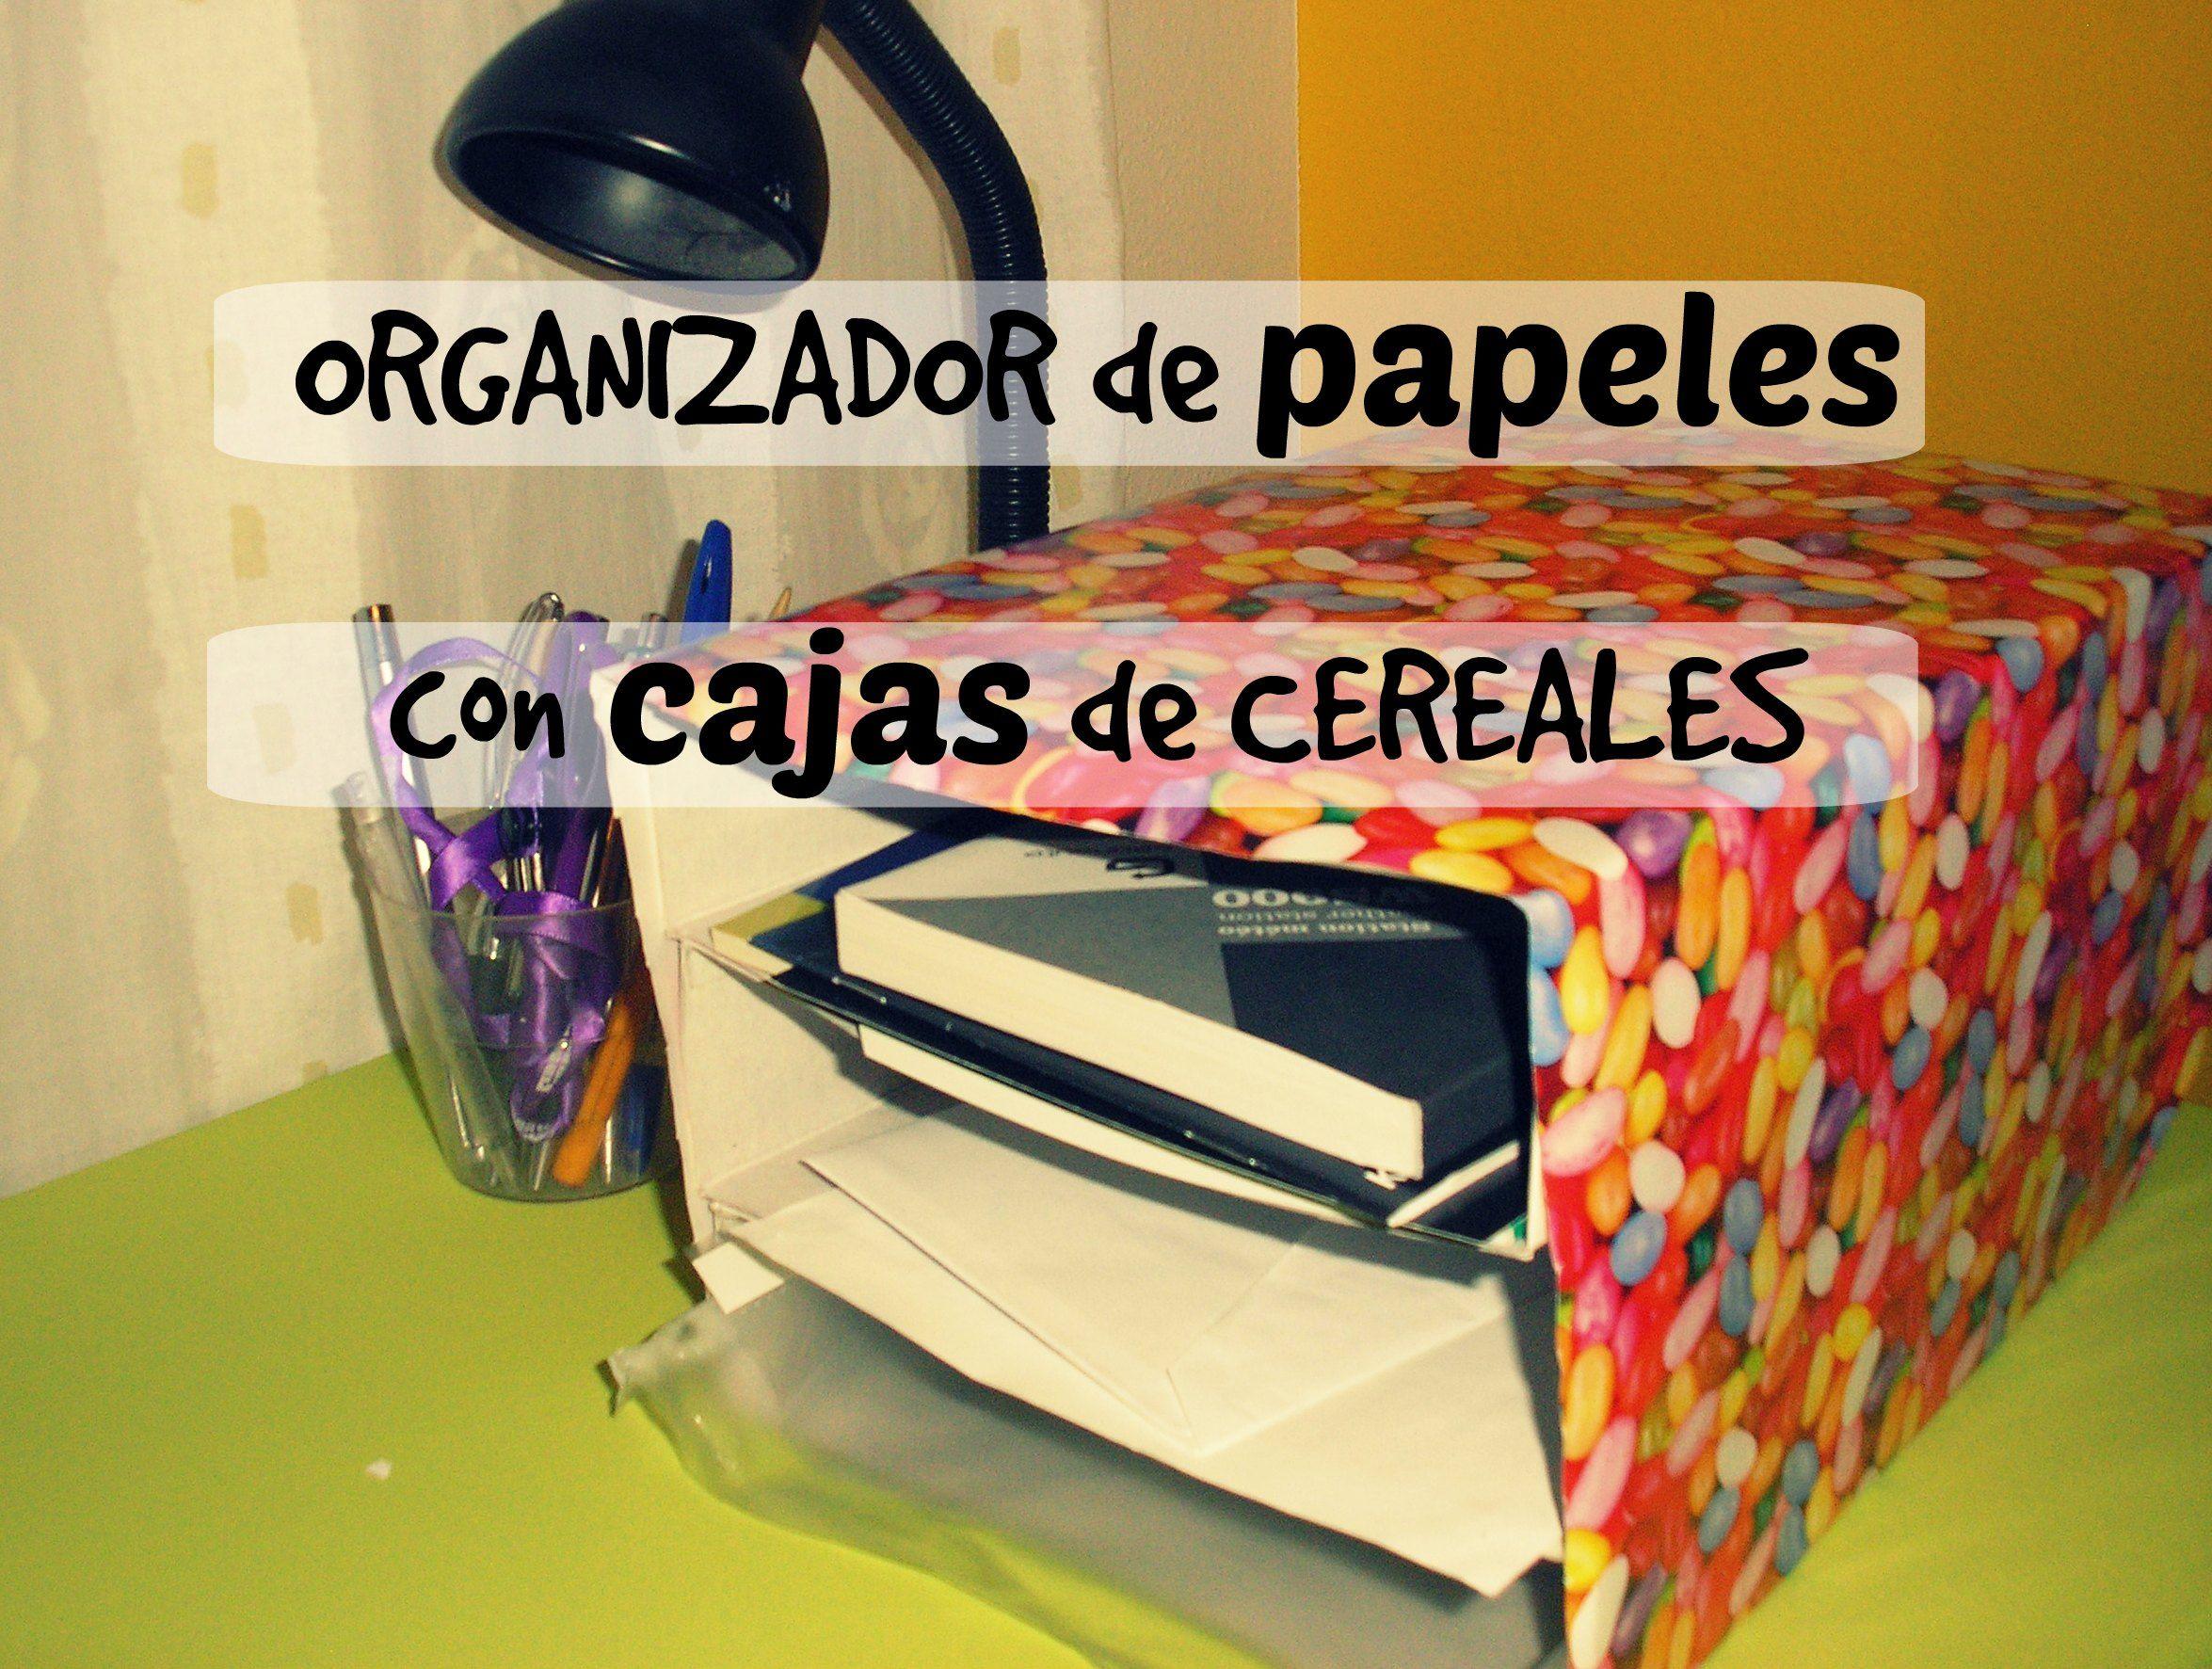 Organizador de papeles con cajas de cereales ahorradoras - Organizadores hogar ...